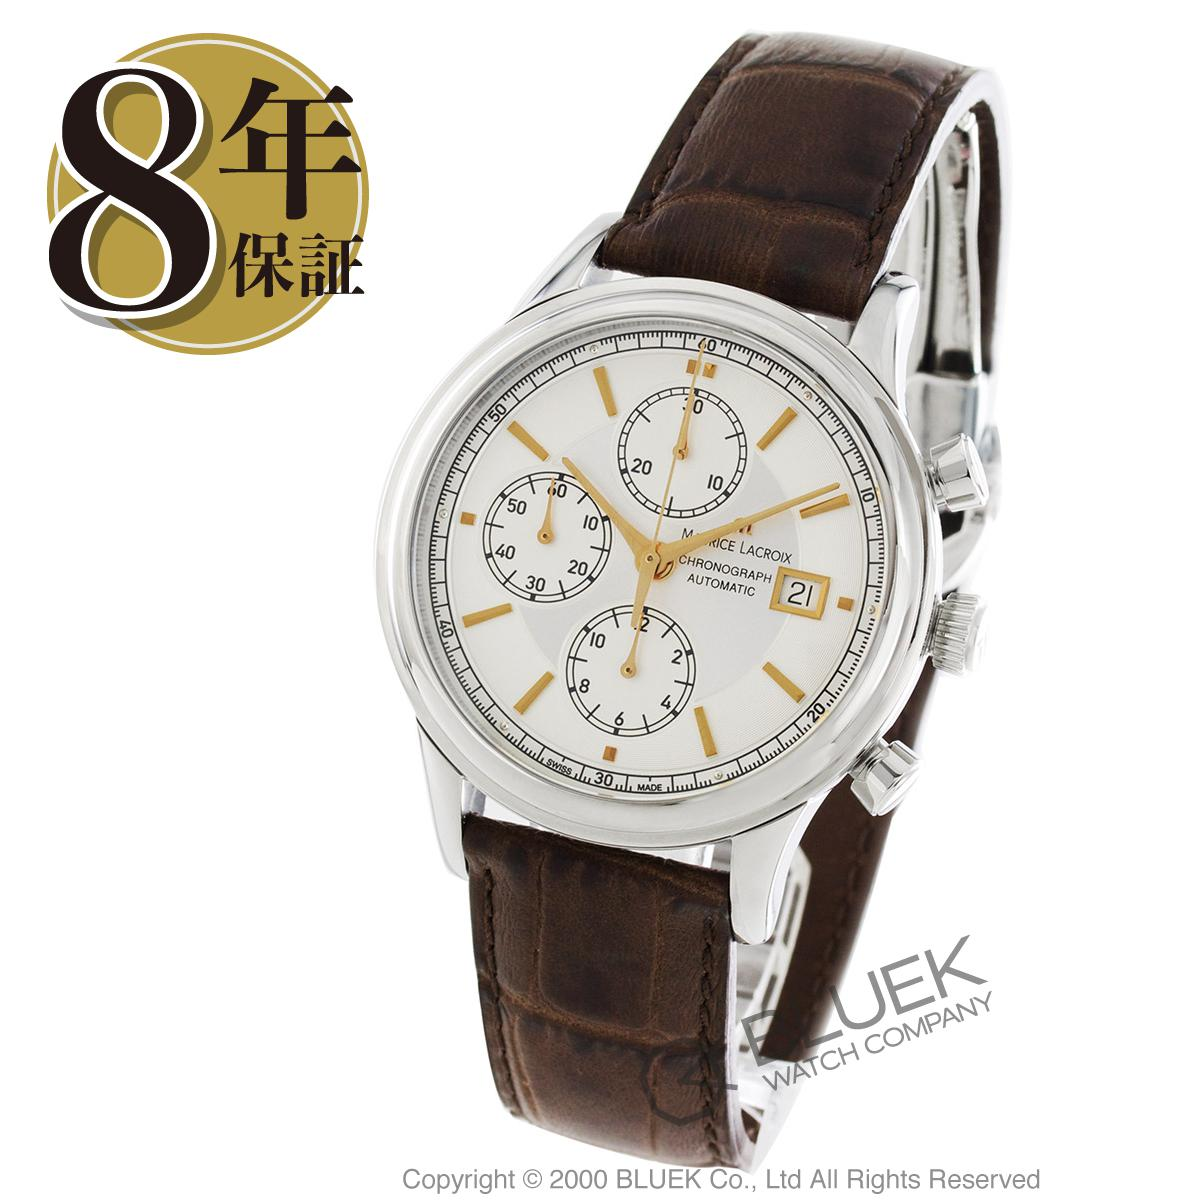 モーリス・ラクロア レ・クラシック クロノグラフ 腕時計 メンズ MAURICE LACROIX LC6158-SS001-130_8